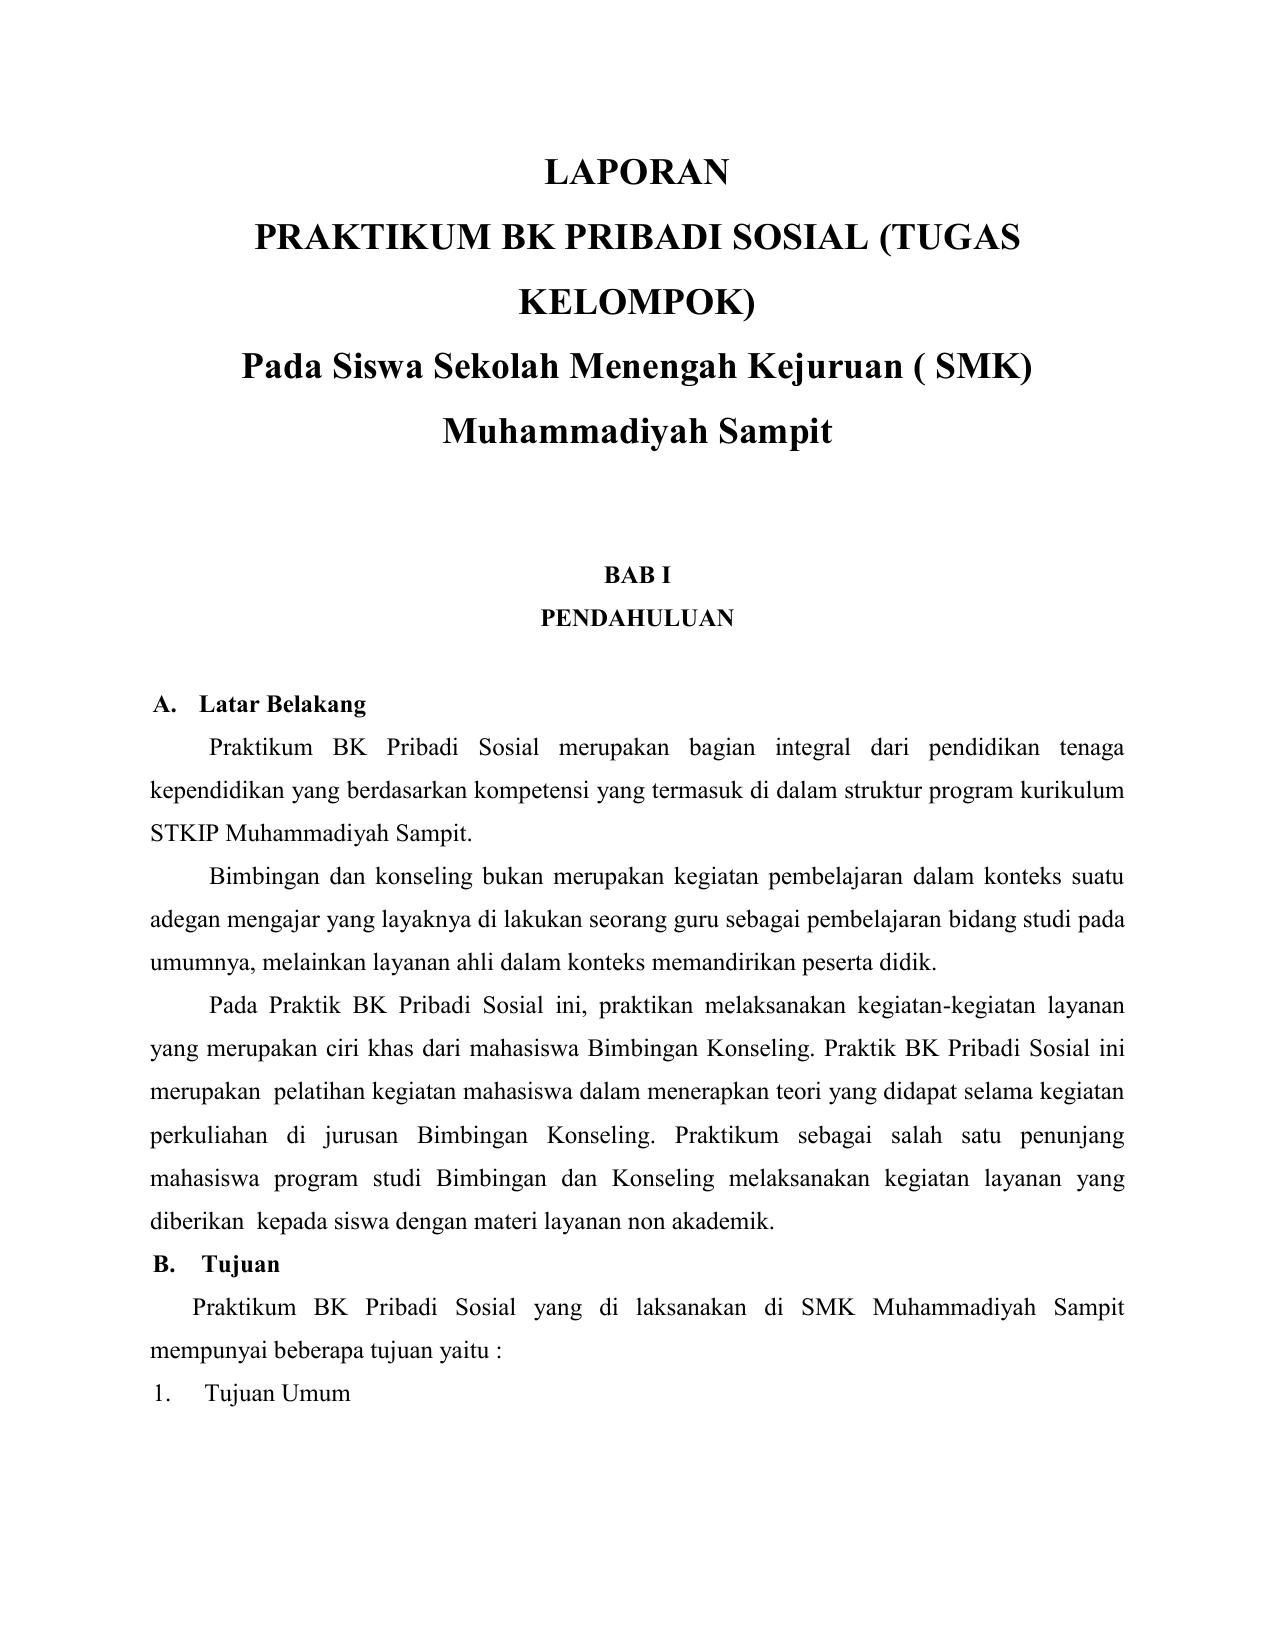 Laporan Praktikum Bk Pribadi Sosial Tugas Kelompok